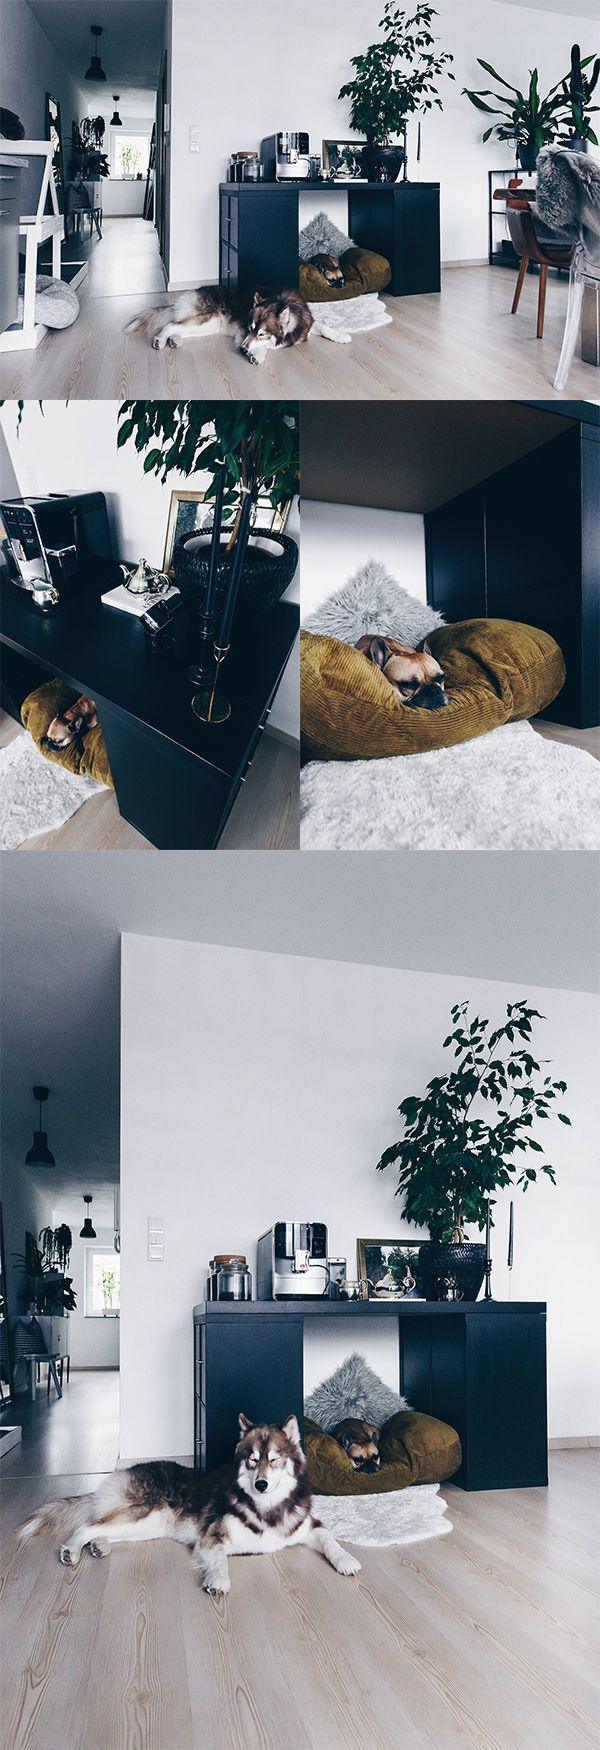 diy hundeh tte f r die wohnung selber bauen inklusive praktischem stauraum an elephant 39 s. Black Bedroom Furniture Sets. Home Design Ideas